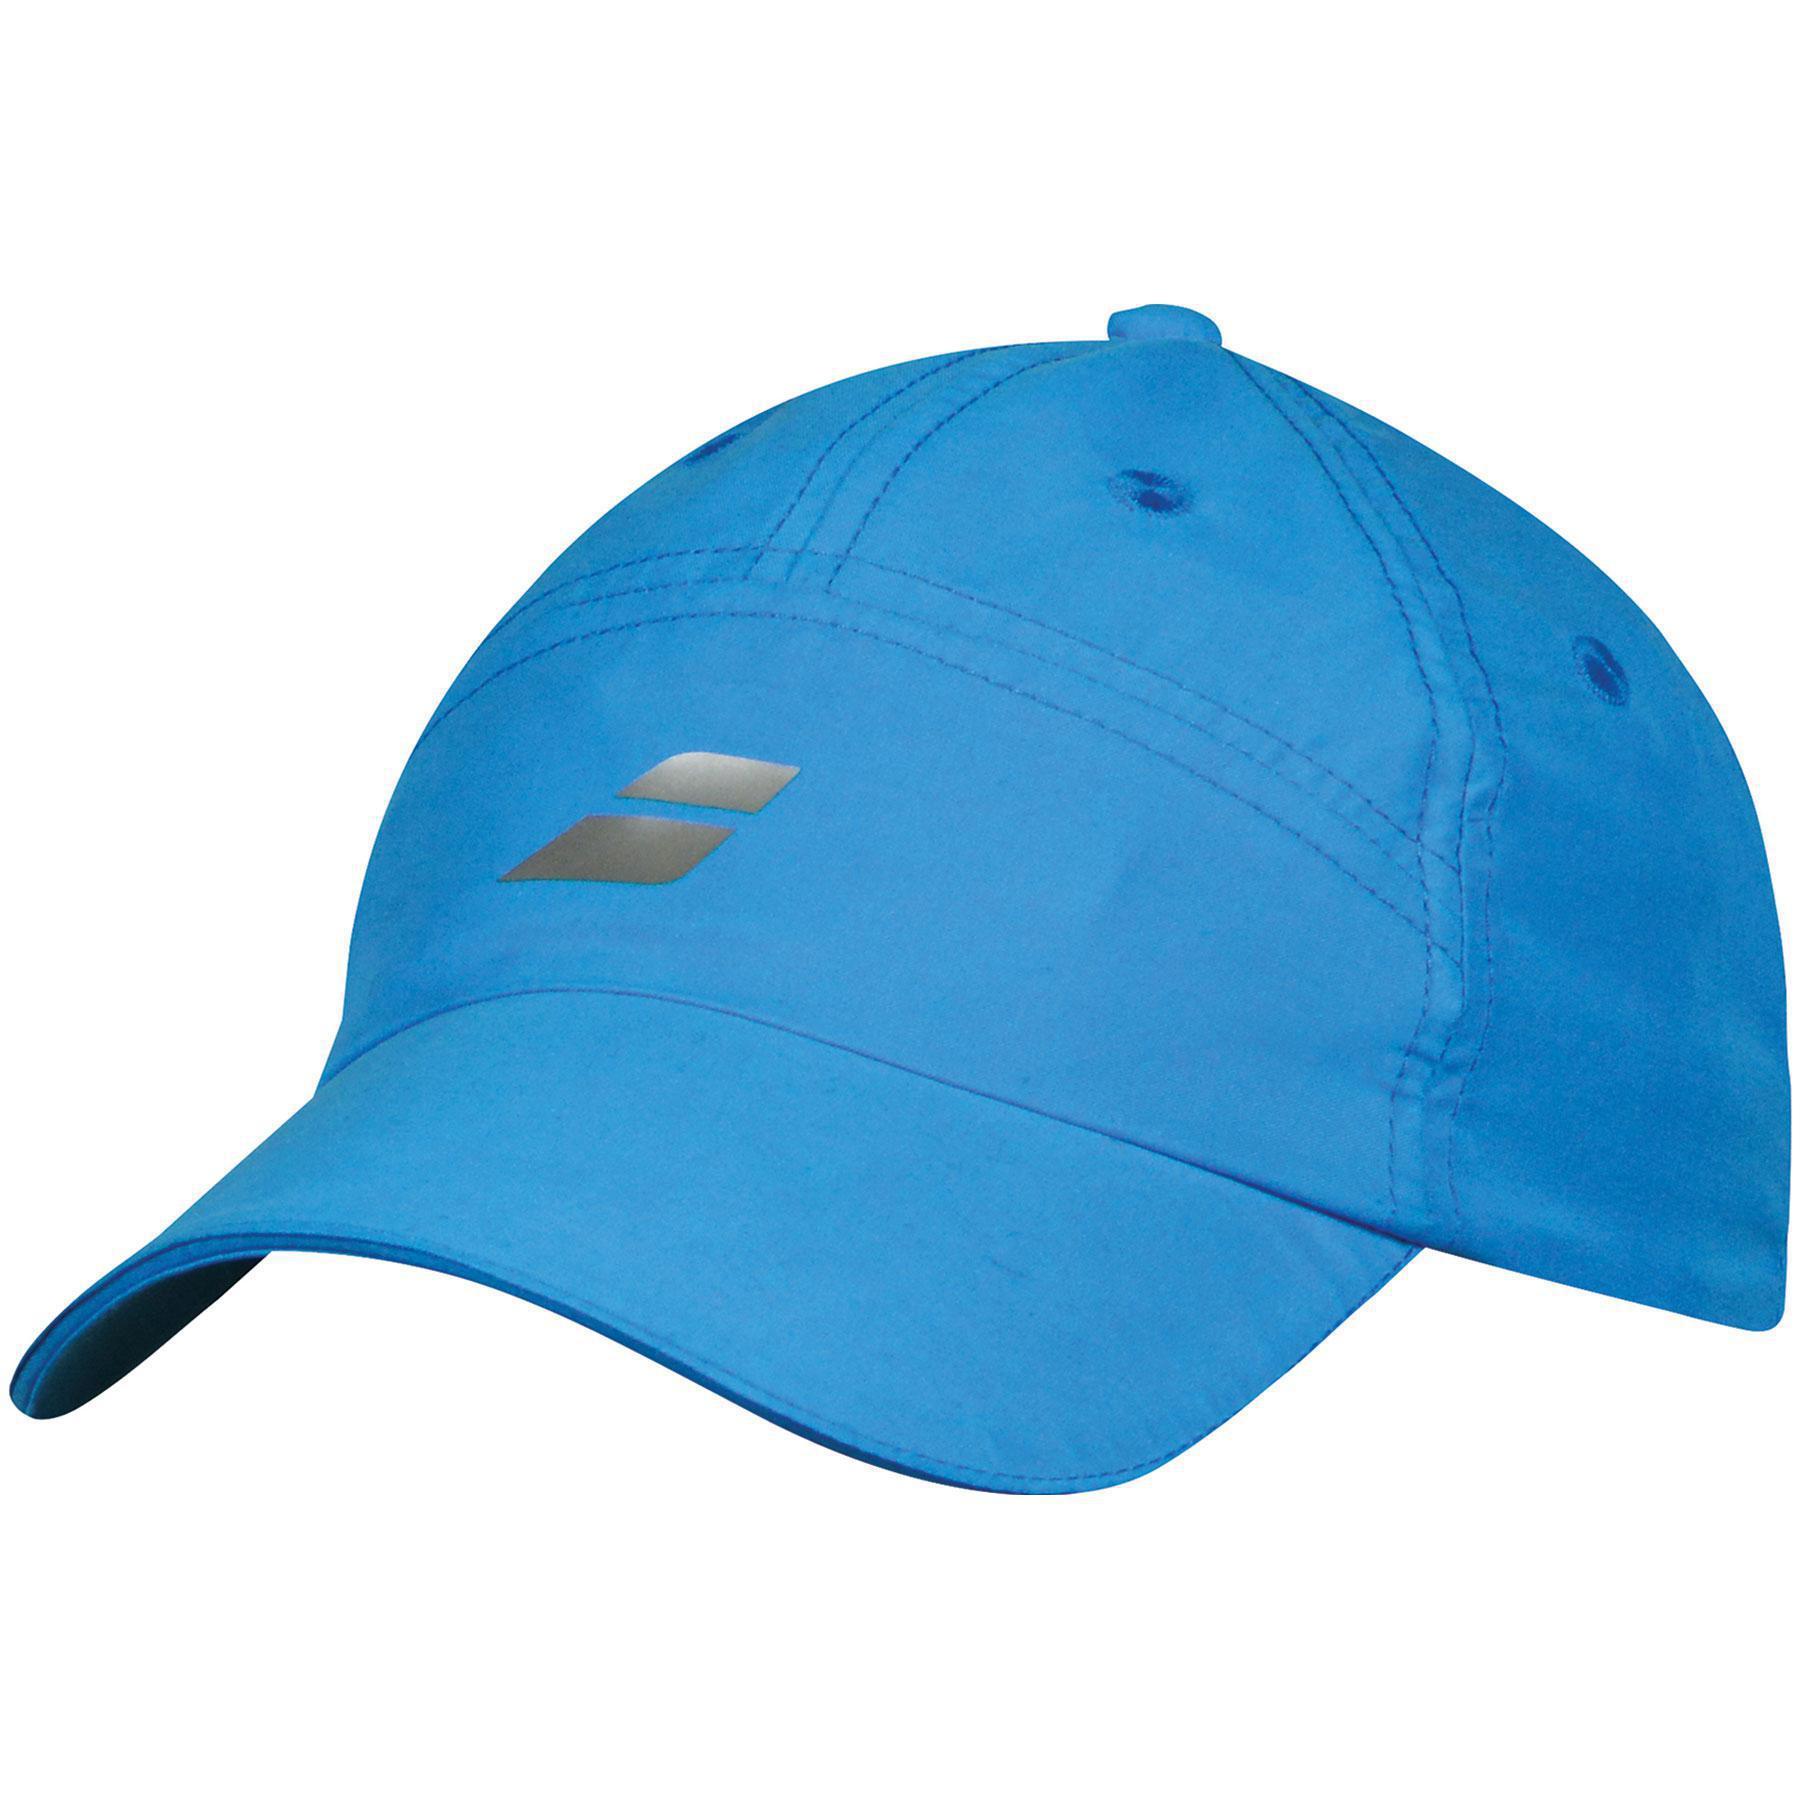 d51537a1640 Babolat Microfiber Cap - Blue Drive - Tennisnuts.com